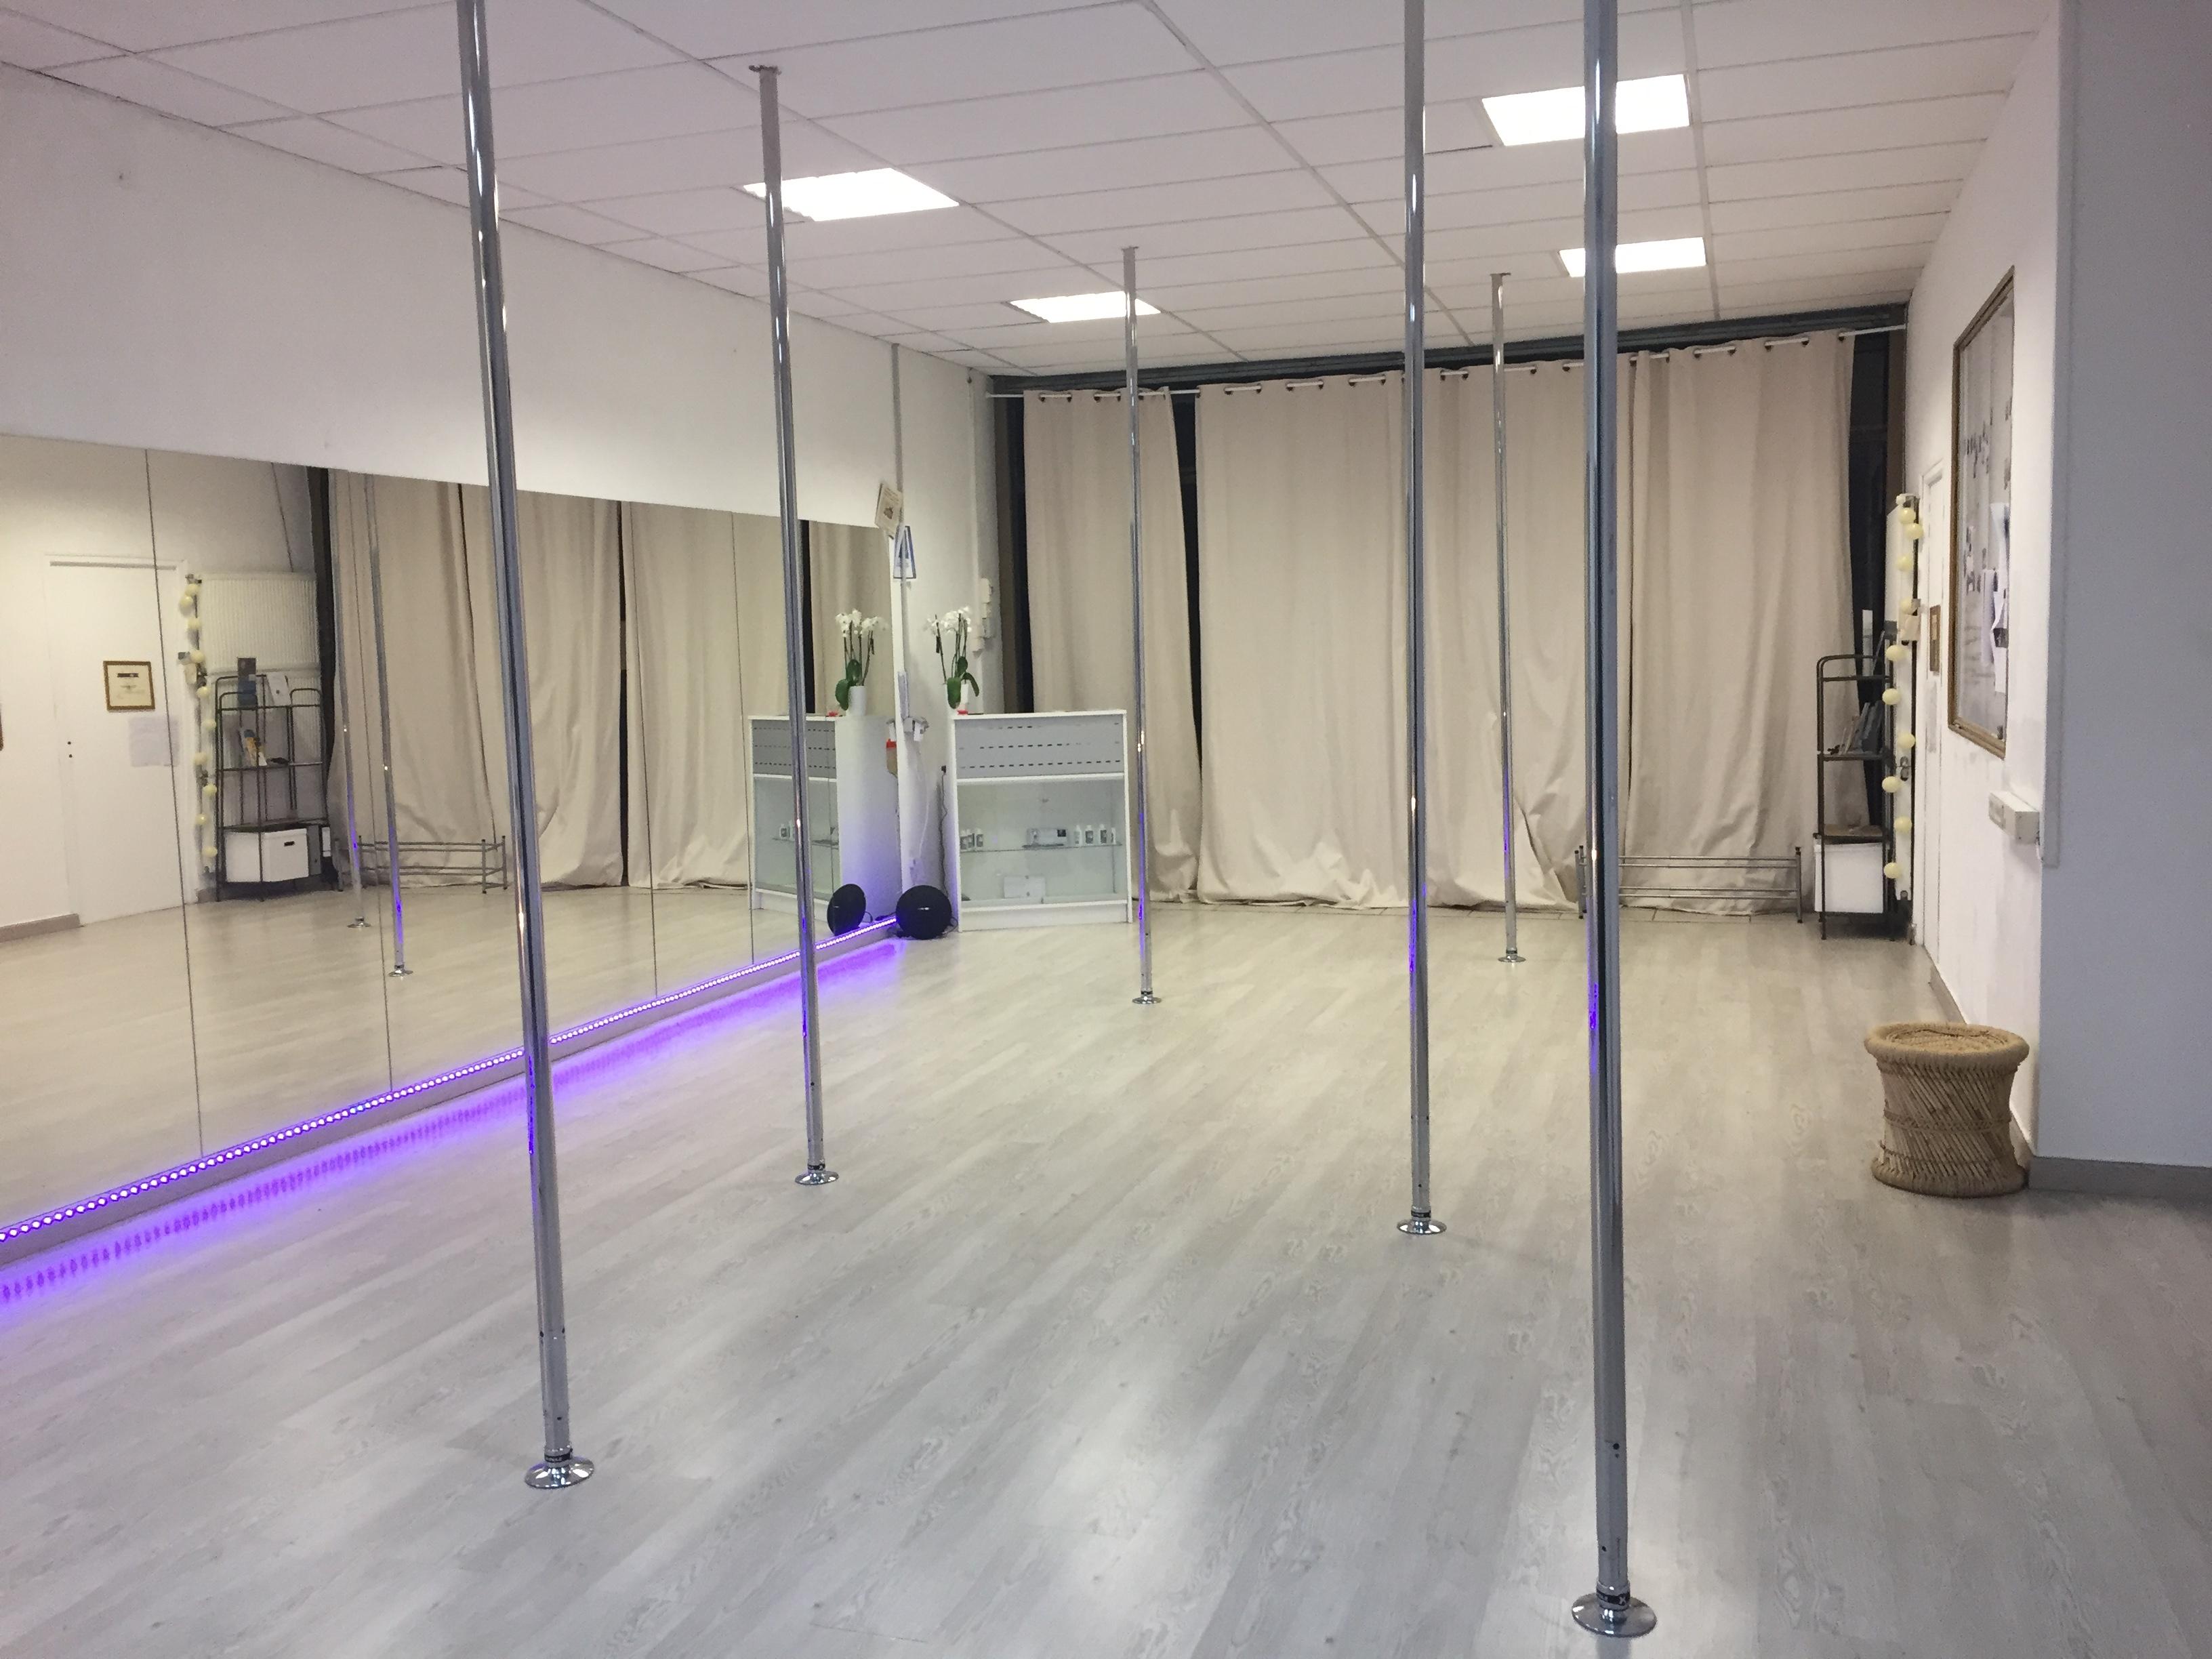 Salle de pole dance à Nîmes